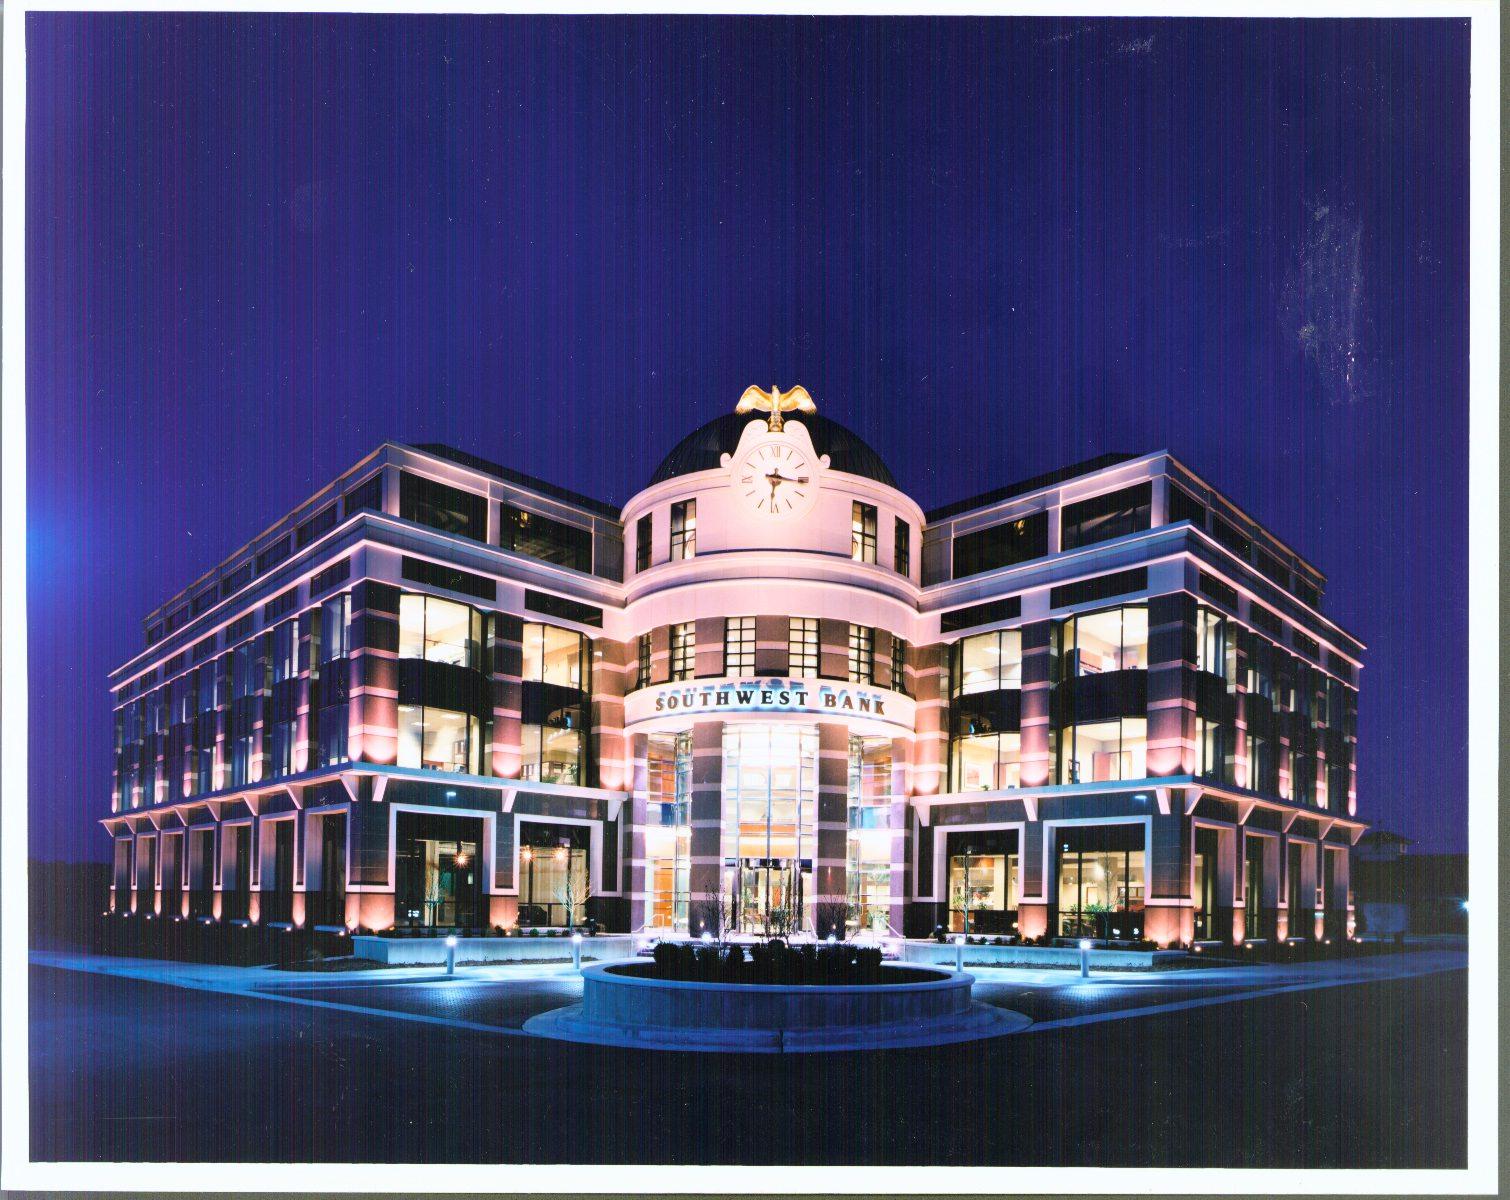 Southwest Bank (M&I Bank) Headquarters